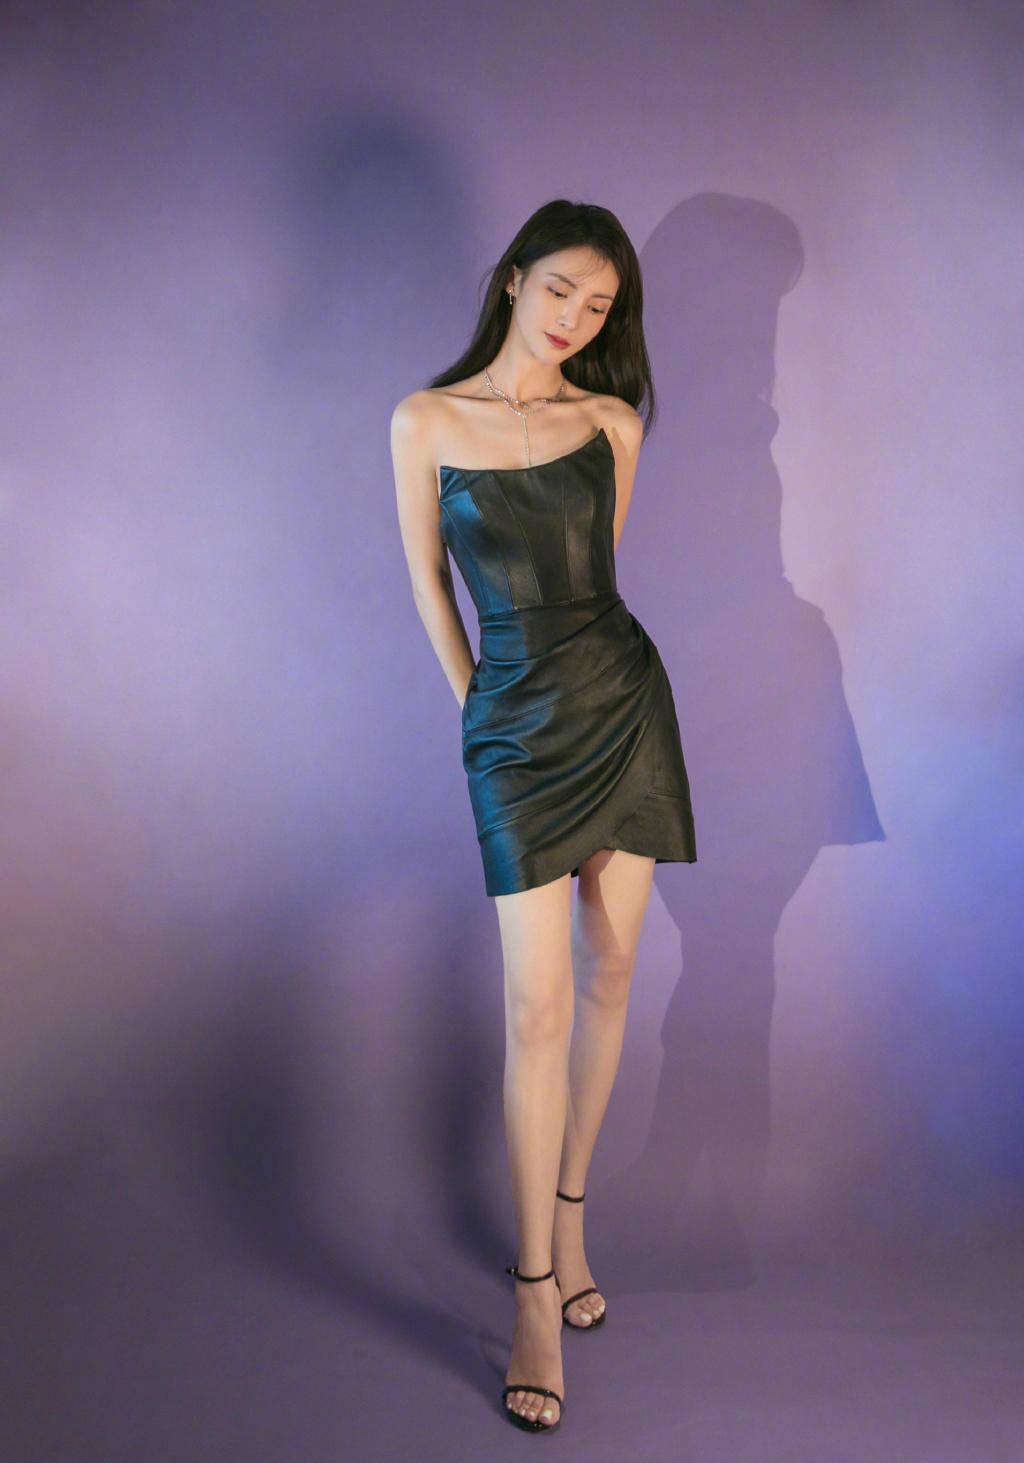 """金晨这""""舞蹈家""""身材太优美,穿紧身抹胸小黑裙,三七比例真少见"""